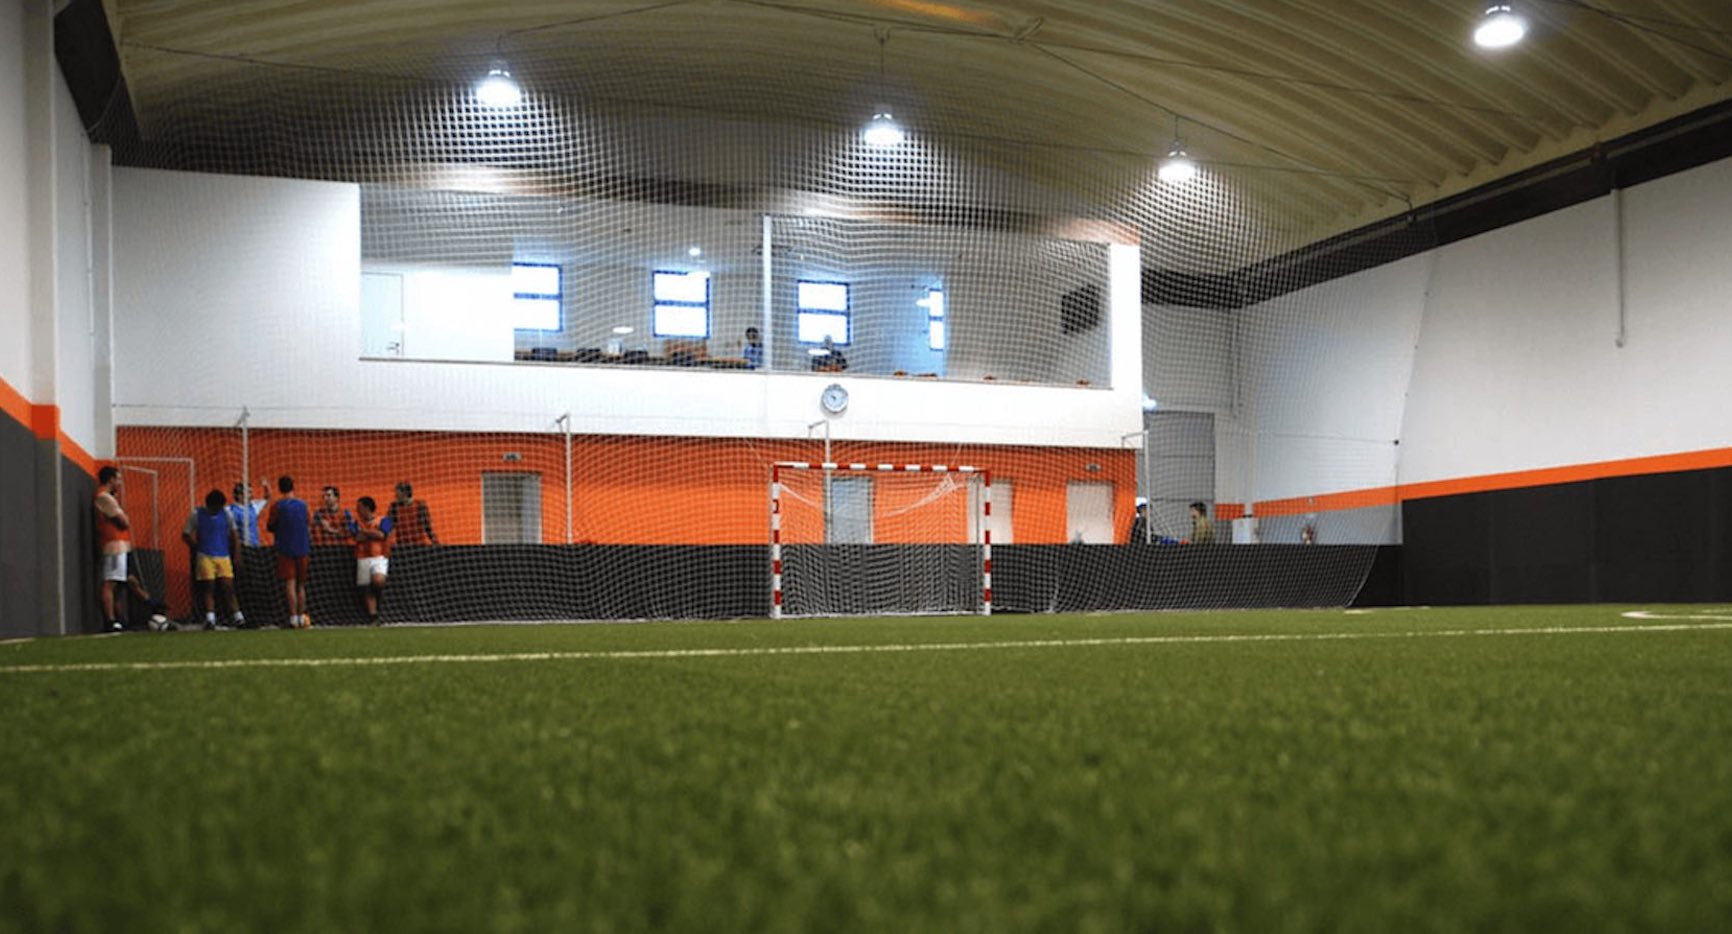 Futebol Indoor Braga